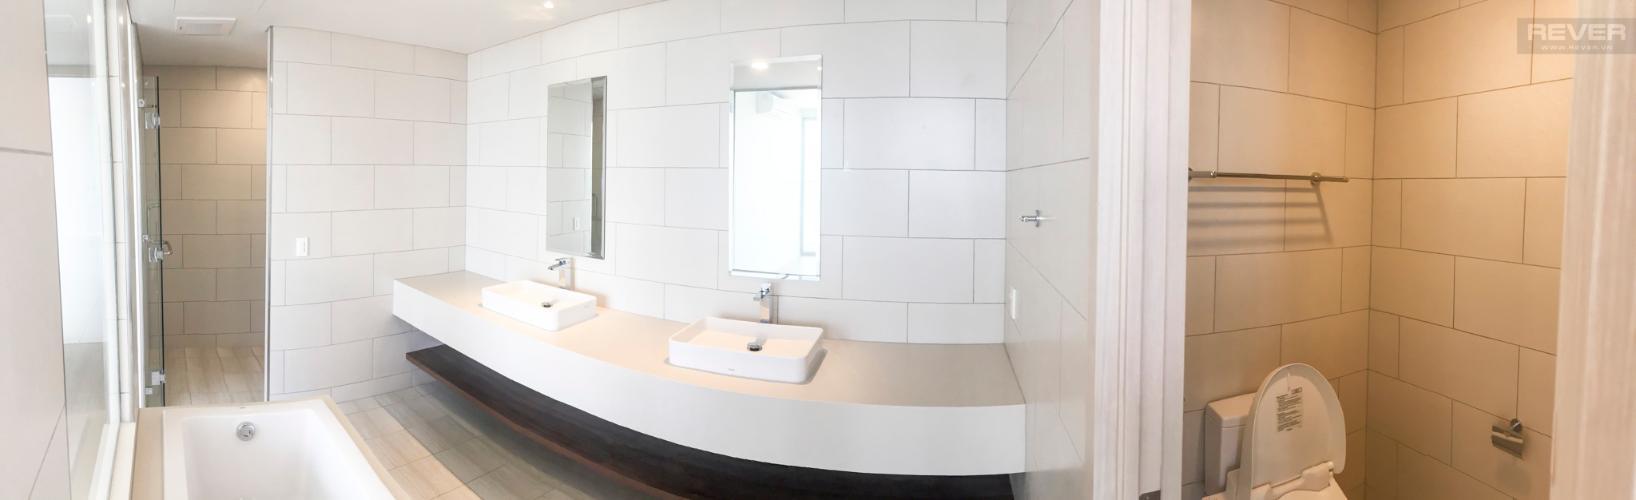 Phòng Tắm 2 Bán căn hộ Waterina Suites 3PN, tầng trung, diện tích 162m2, view hồ bơi